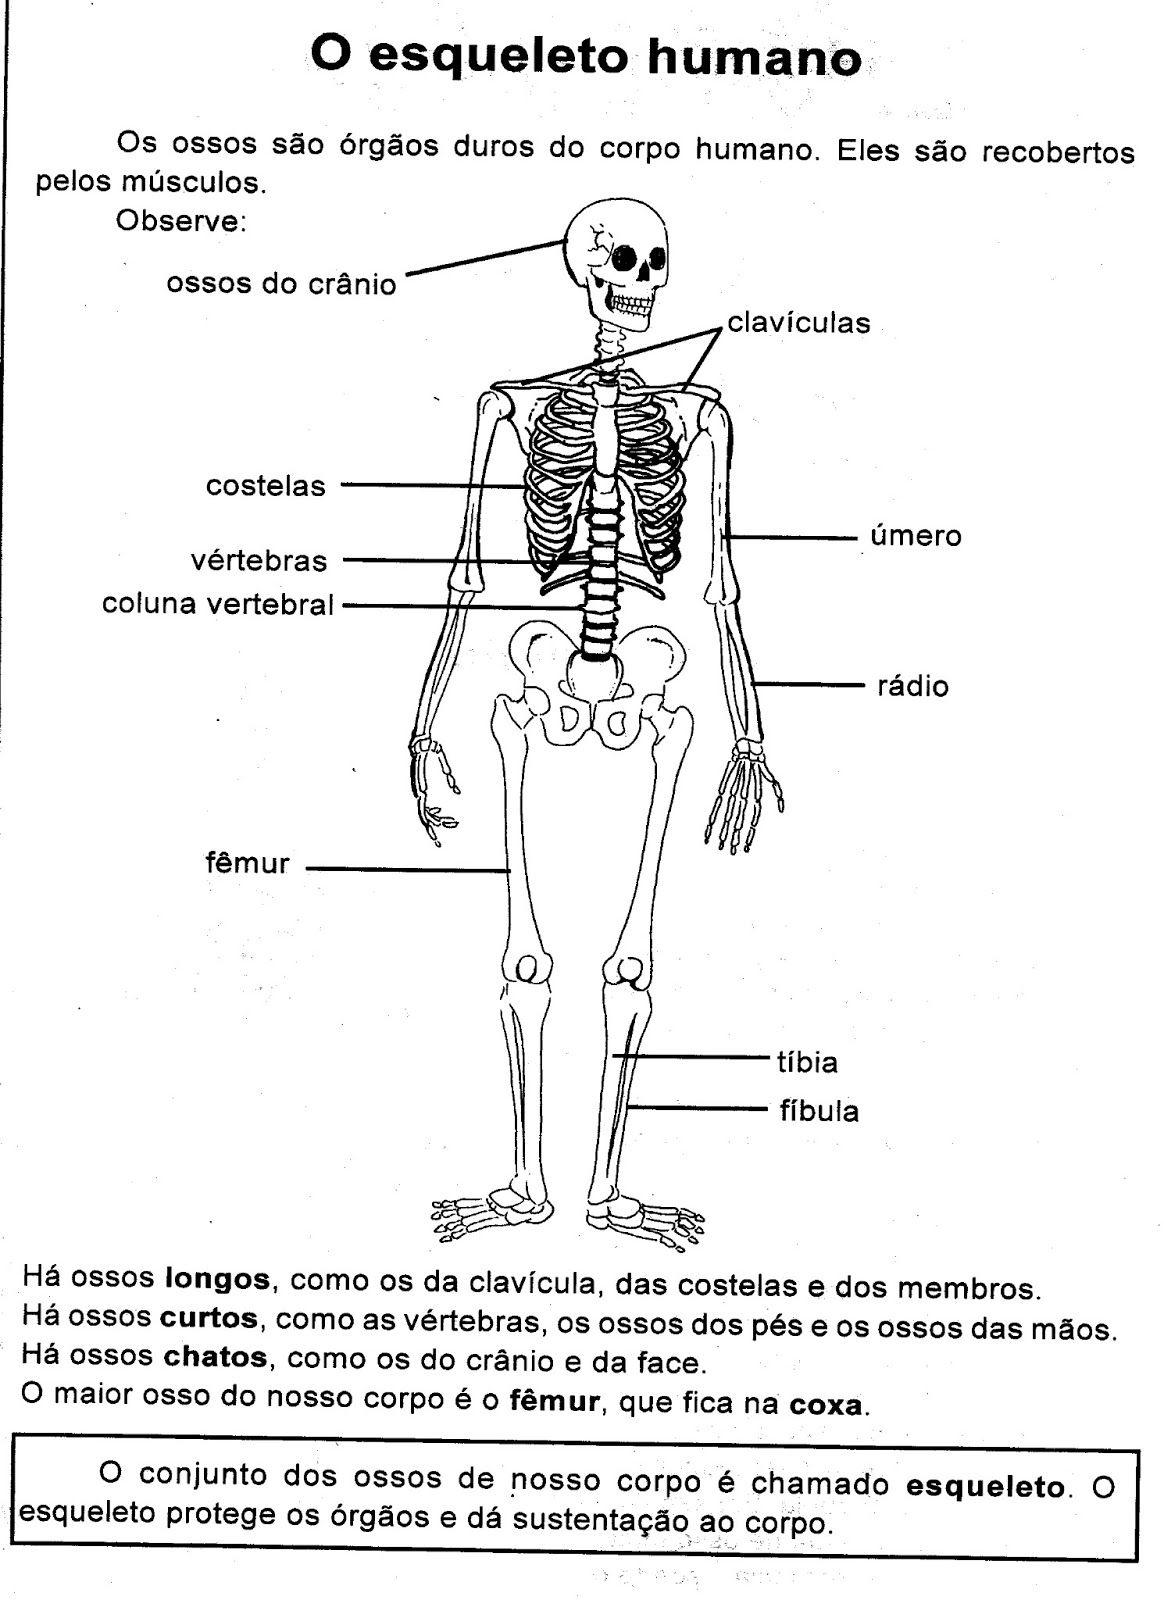 Pin de Maia en BIOLOGIA | Pinterest | Ciencia, Aula y Anatomía